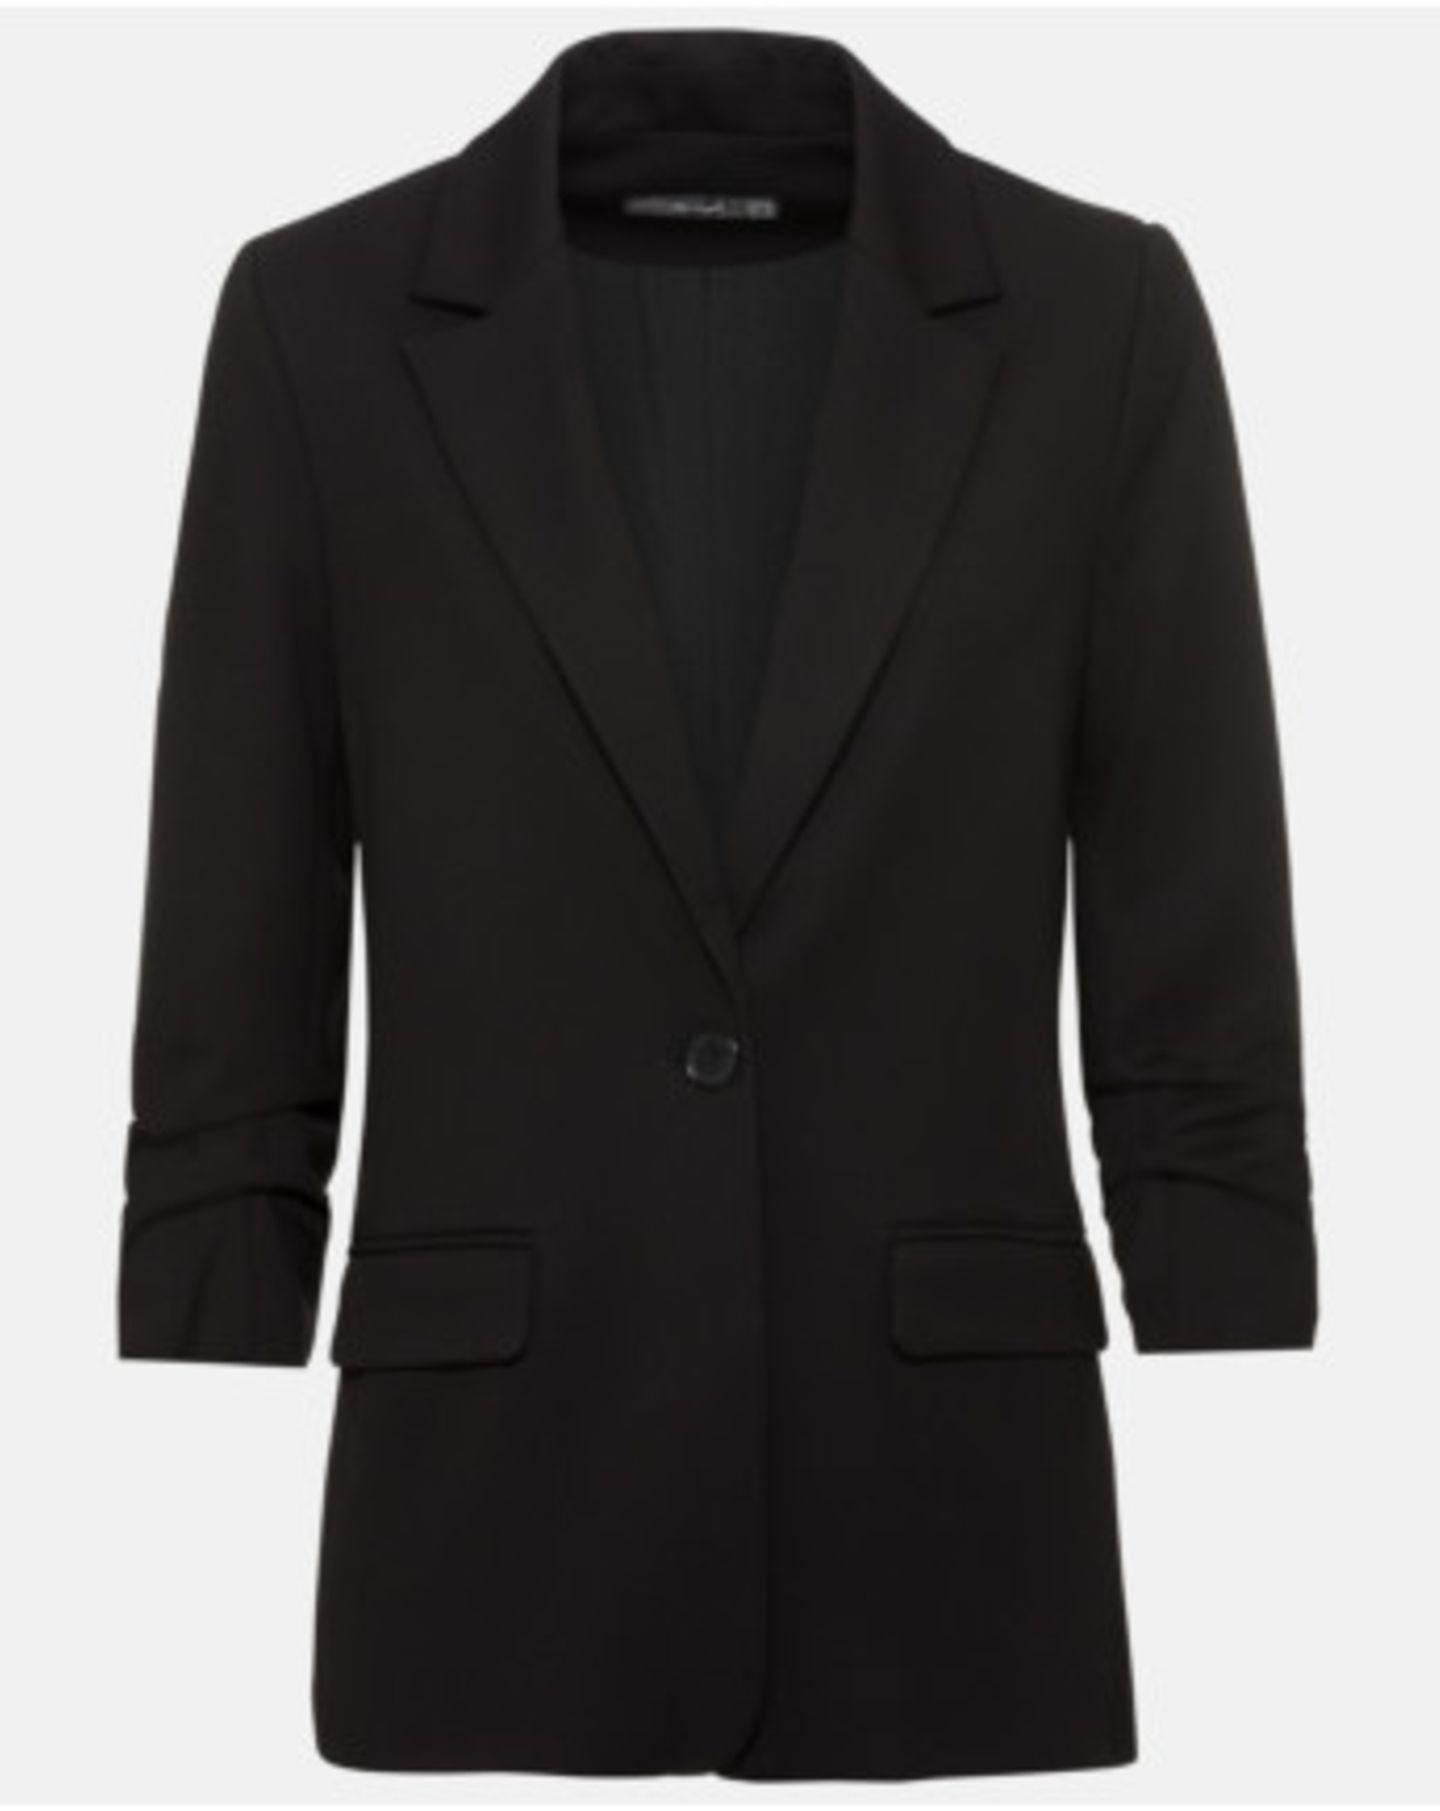 1 Style, 2 Looks: schwarzer Blazer